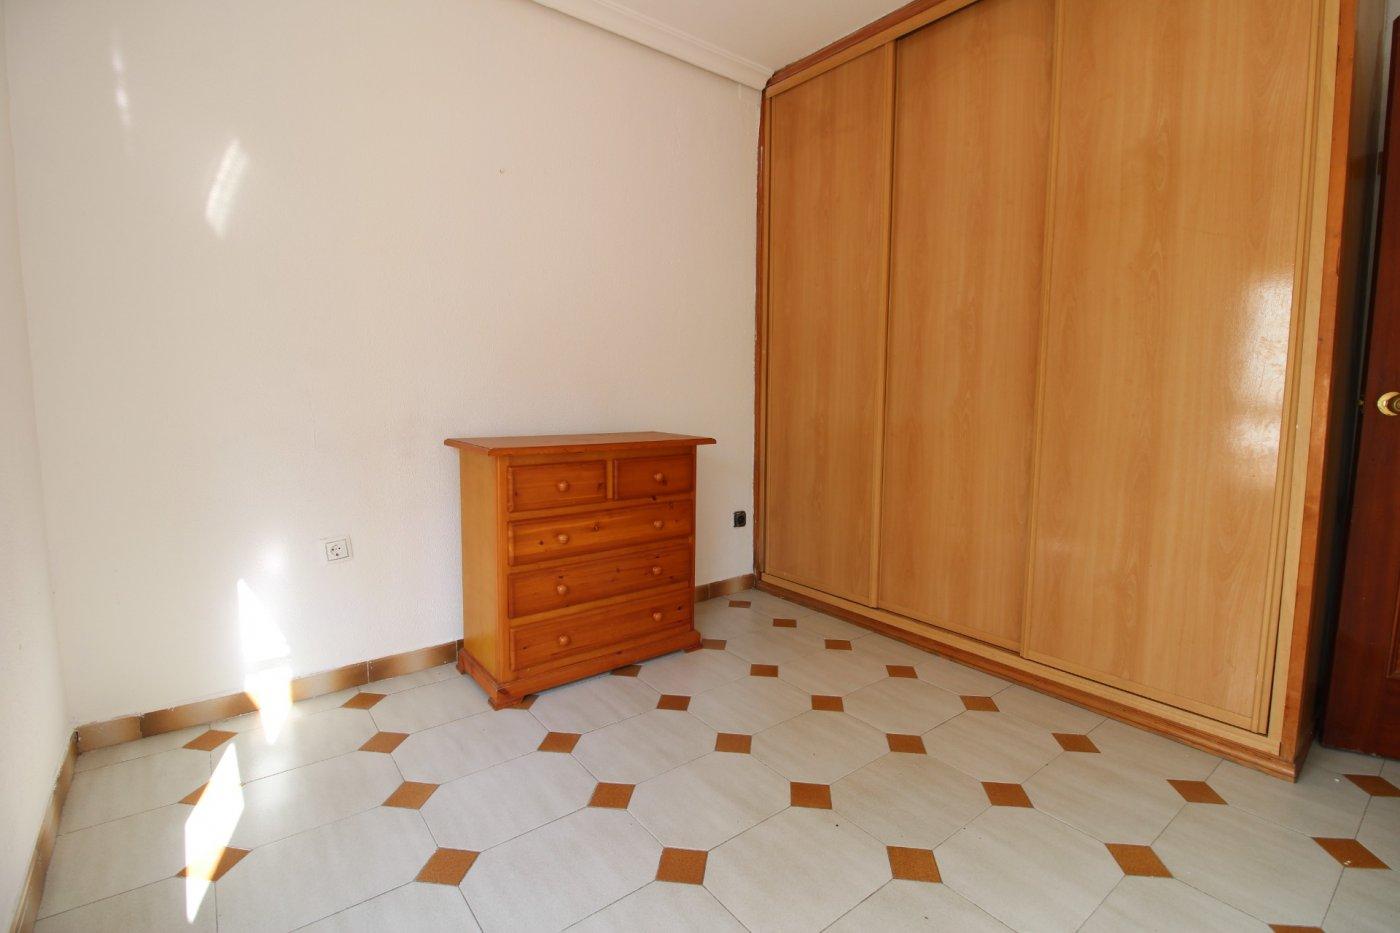 Piso a la venta en sevilla zona carretera carmona - imagenInmueble21